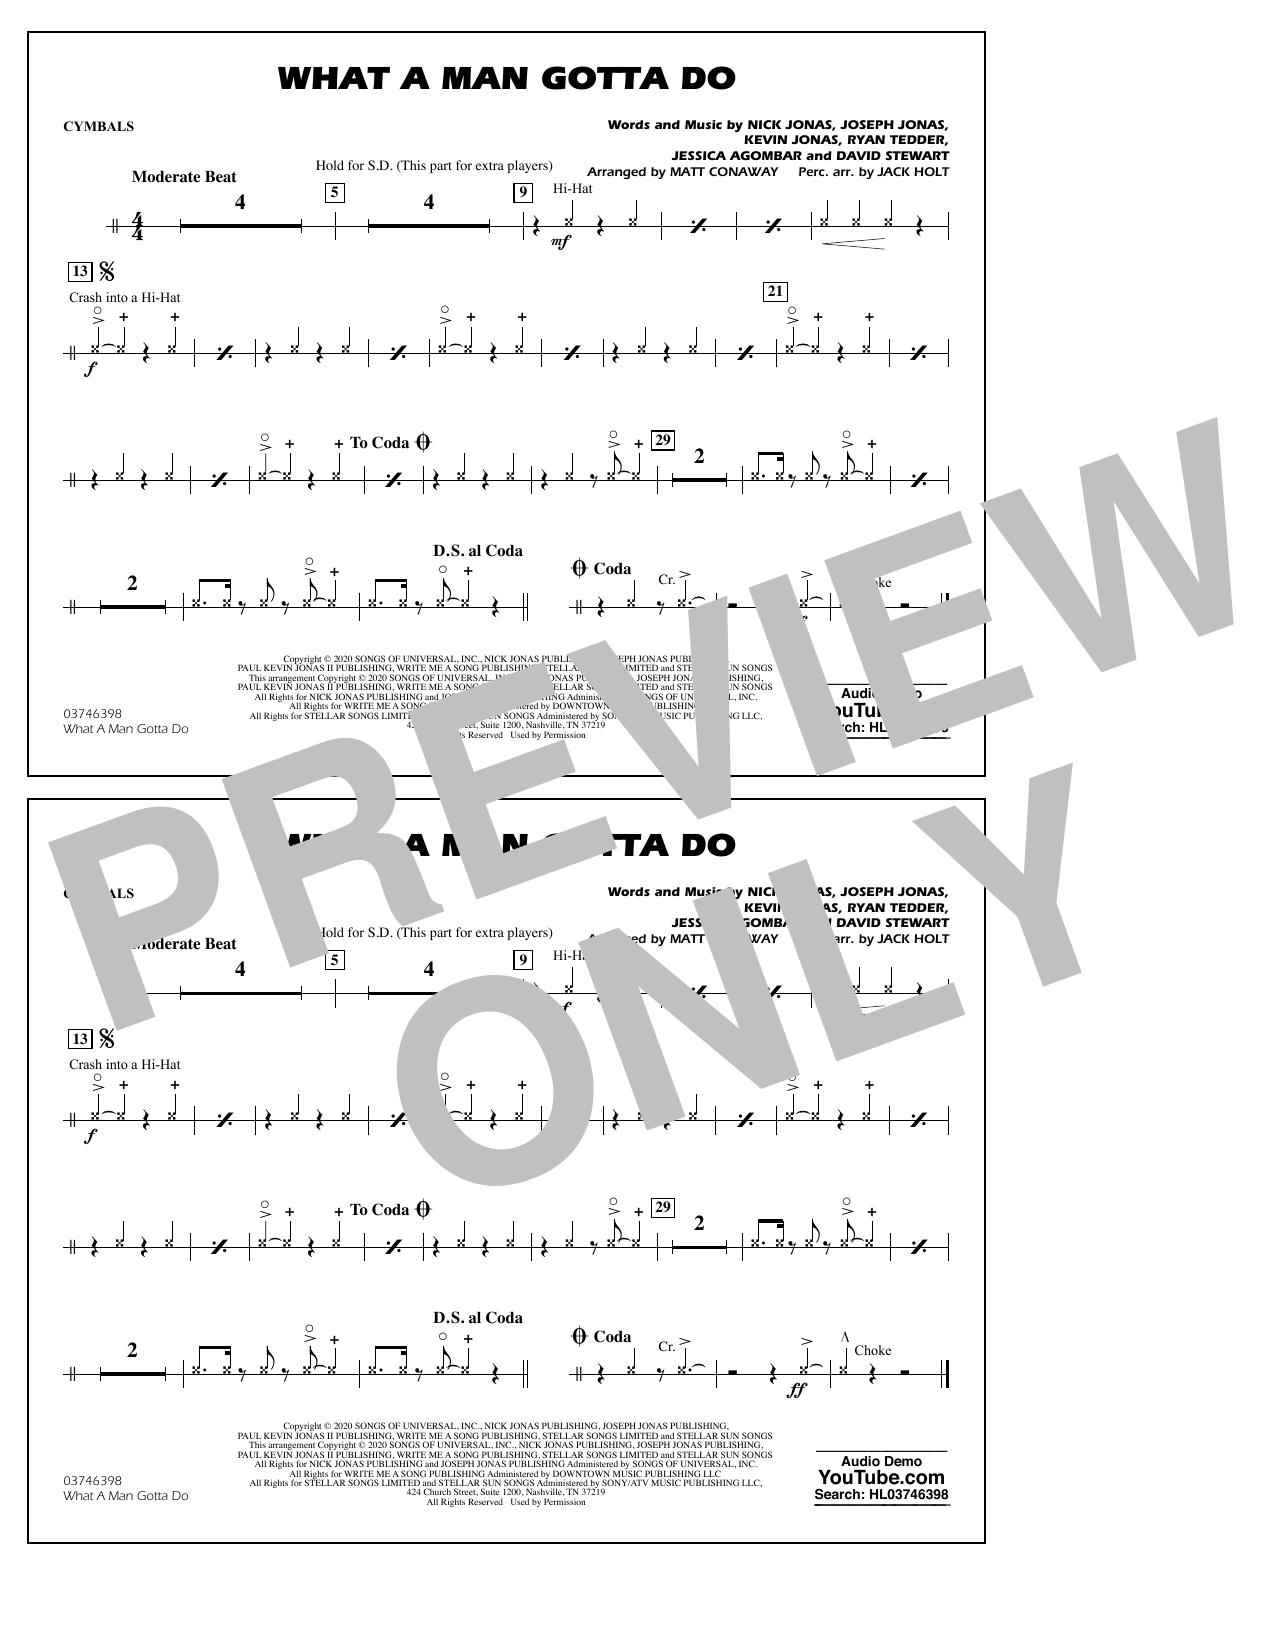 What a Man Gotta Do (arr. Jack Holt and Matt Conaway) - Cymbals Sheet Music